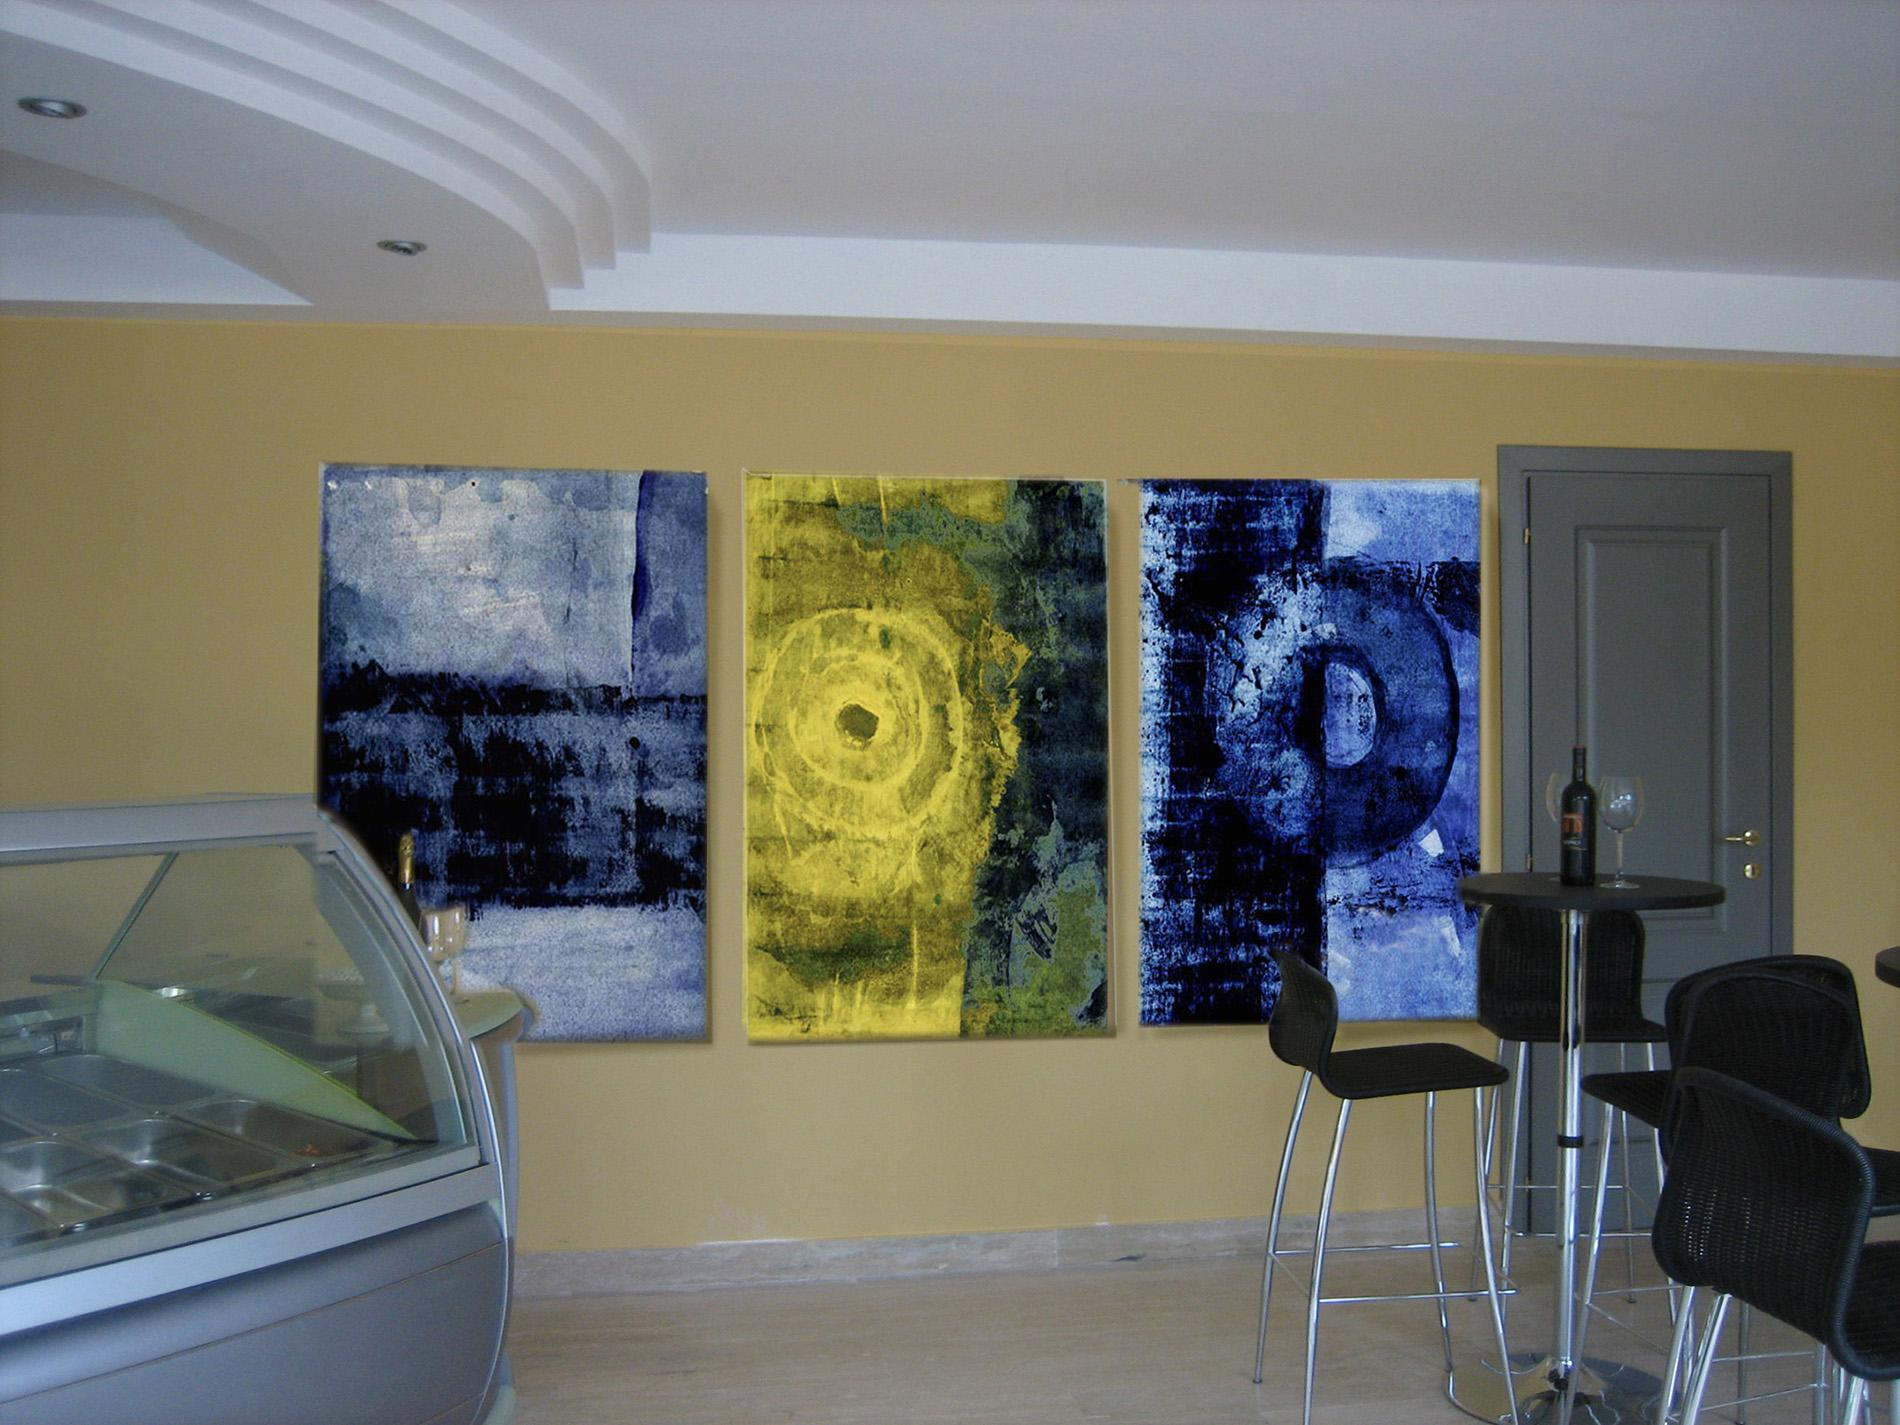 Triitico Blue and Yellow 2012 Bar delle Piscine Foro Italico Roma Tecnica mista. Colorazione con pigmenti. Cm 80x140 cad